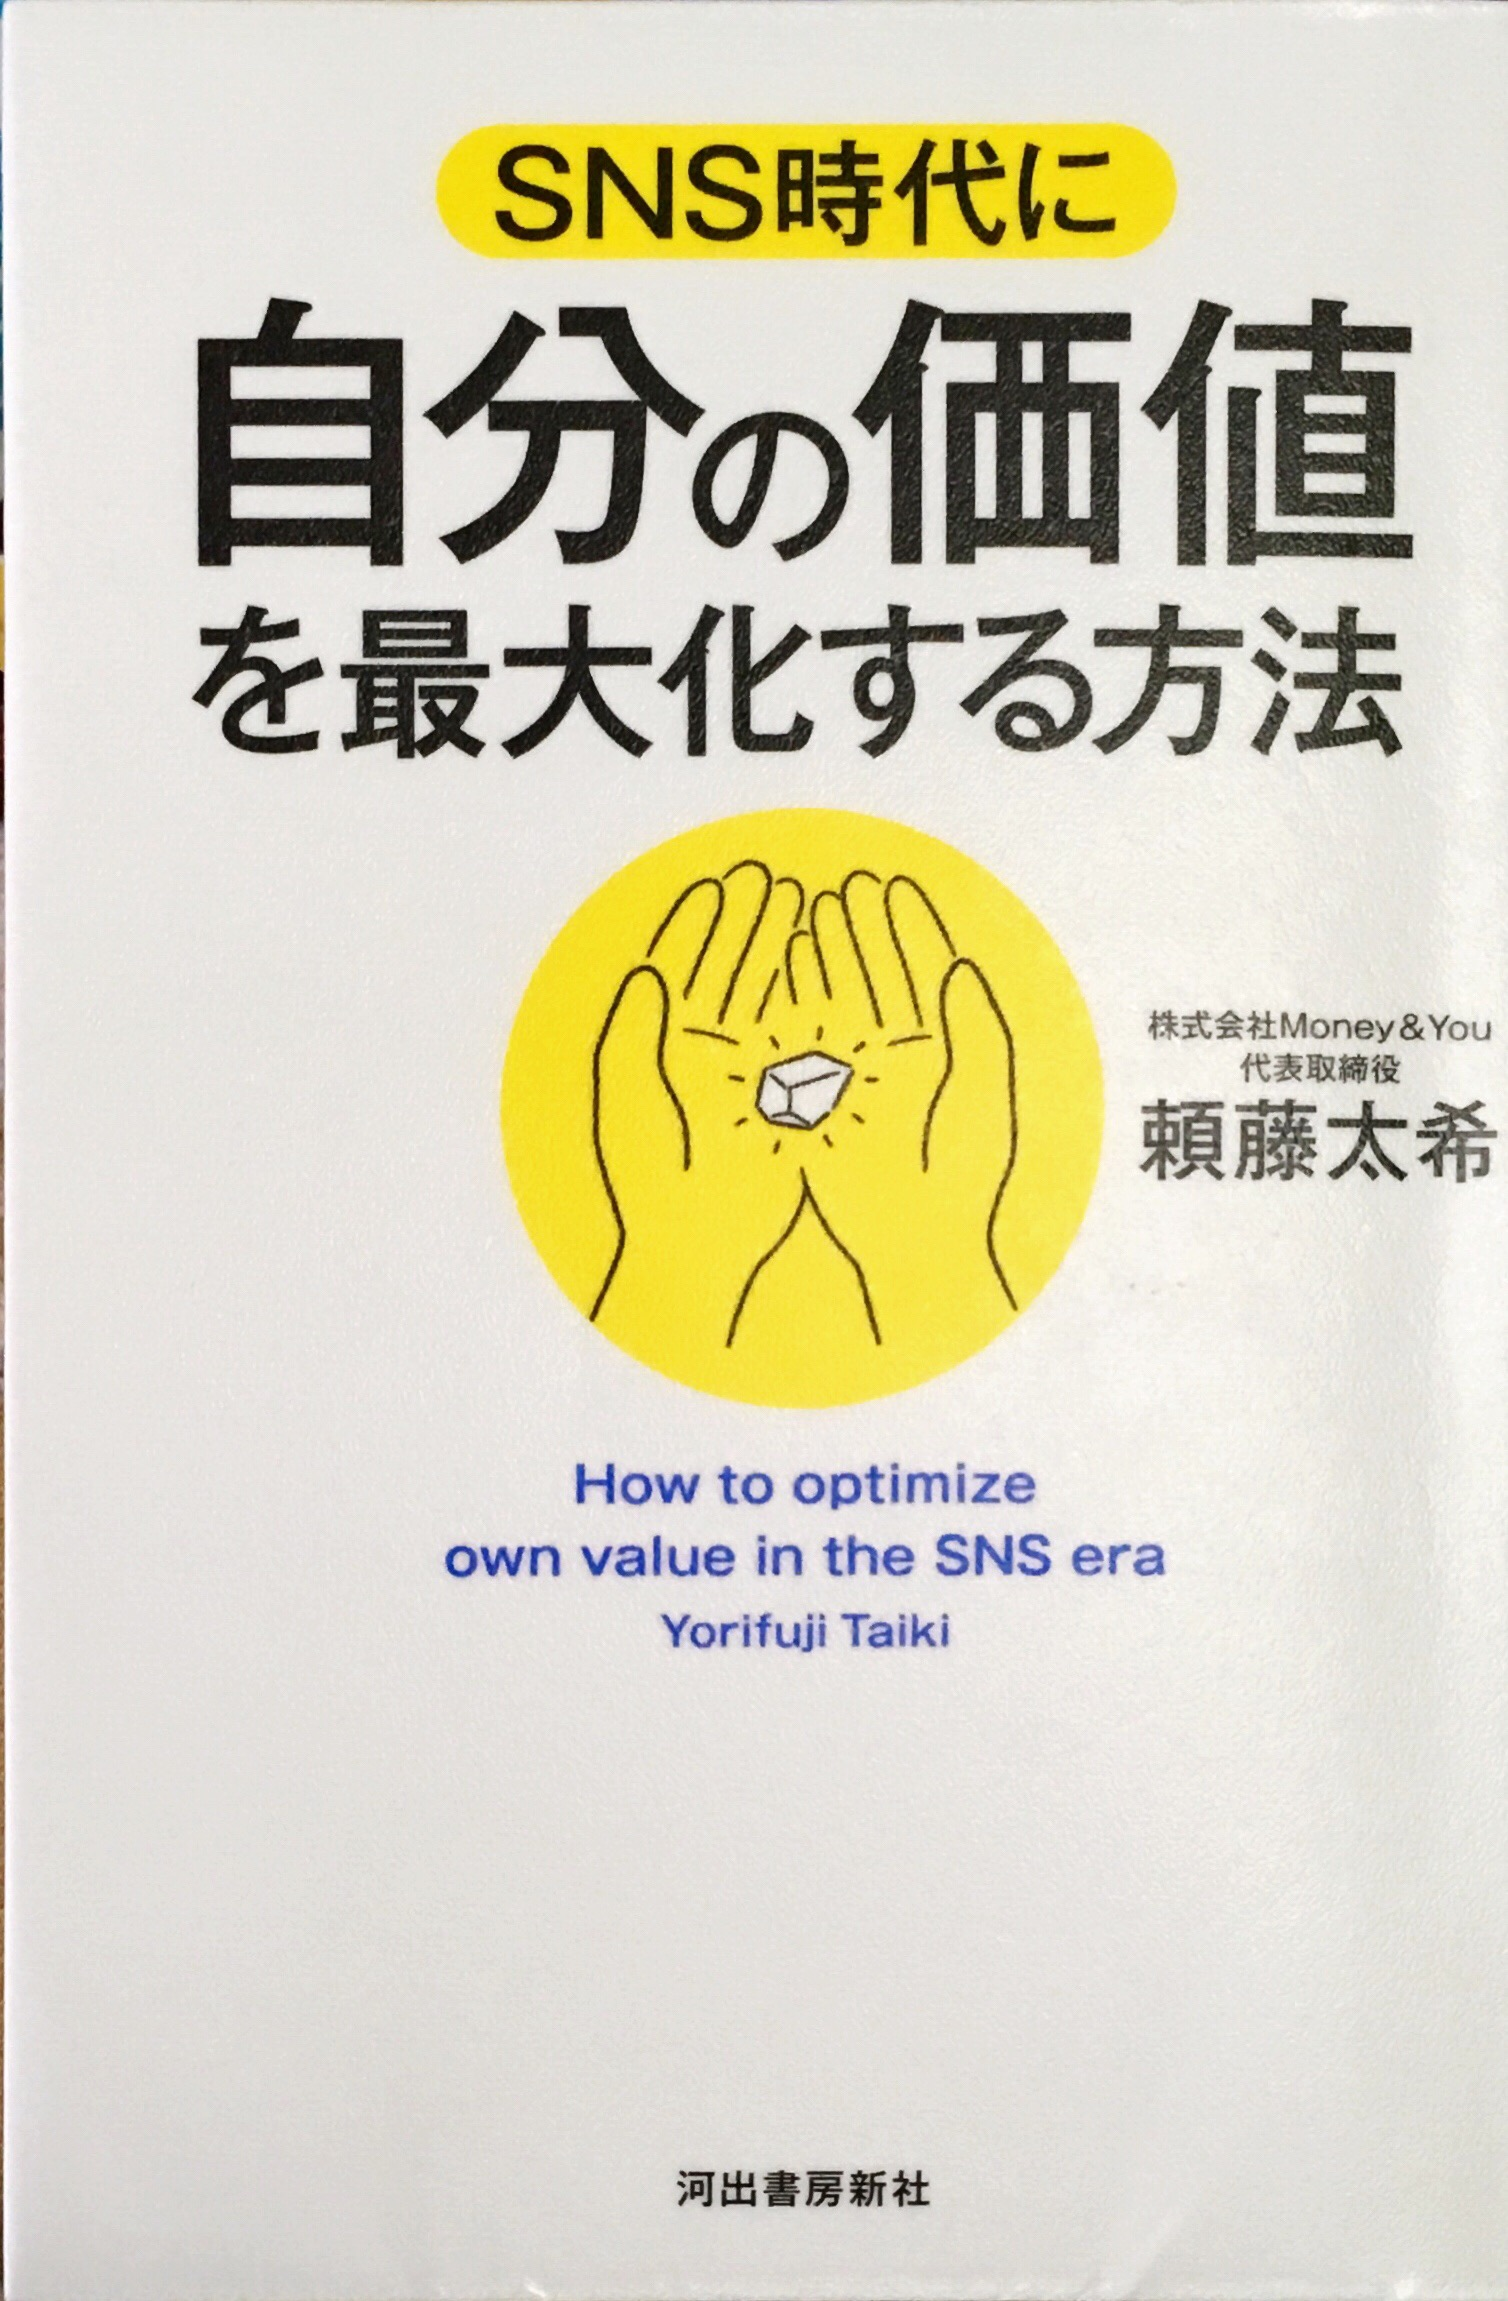 『SNS時代に自分の価値を最大化する方法』表紙